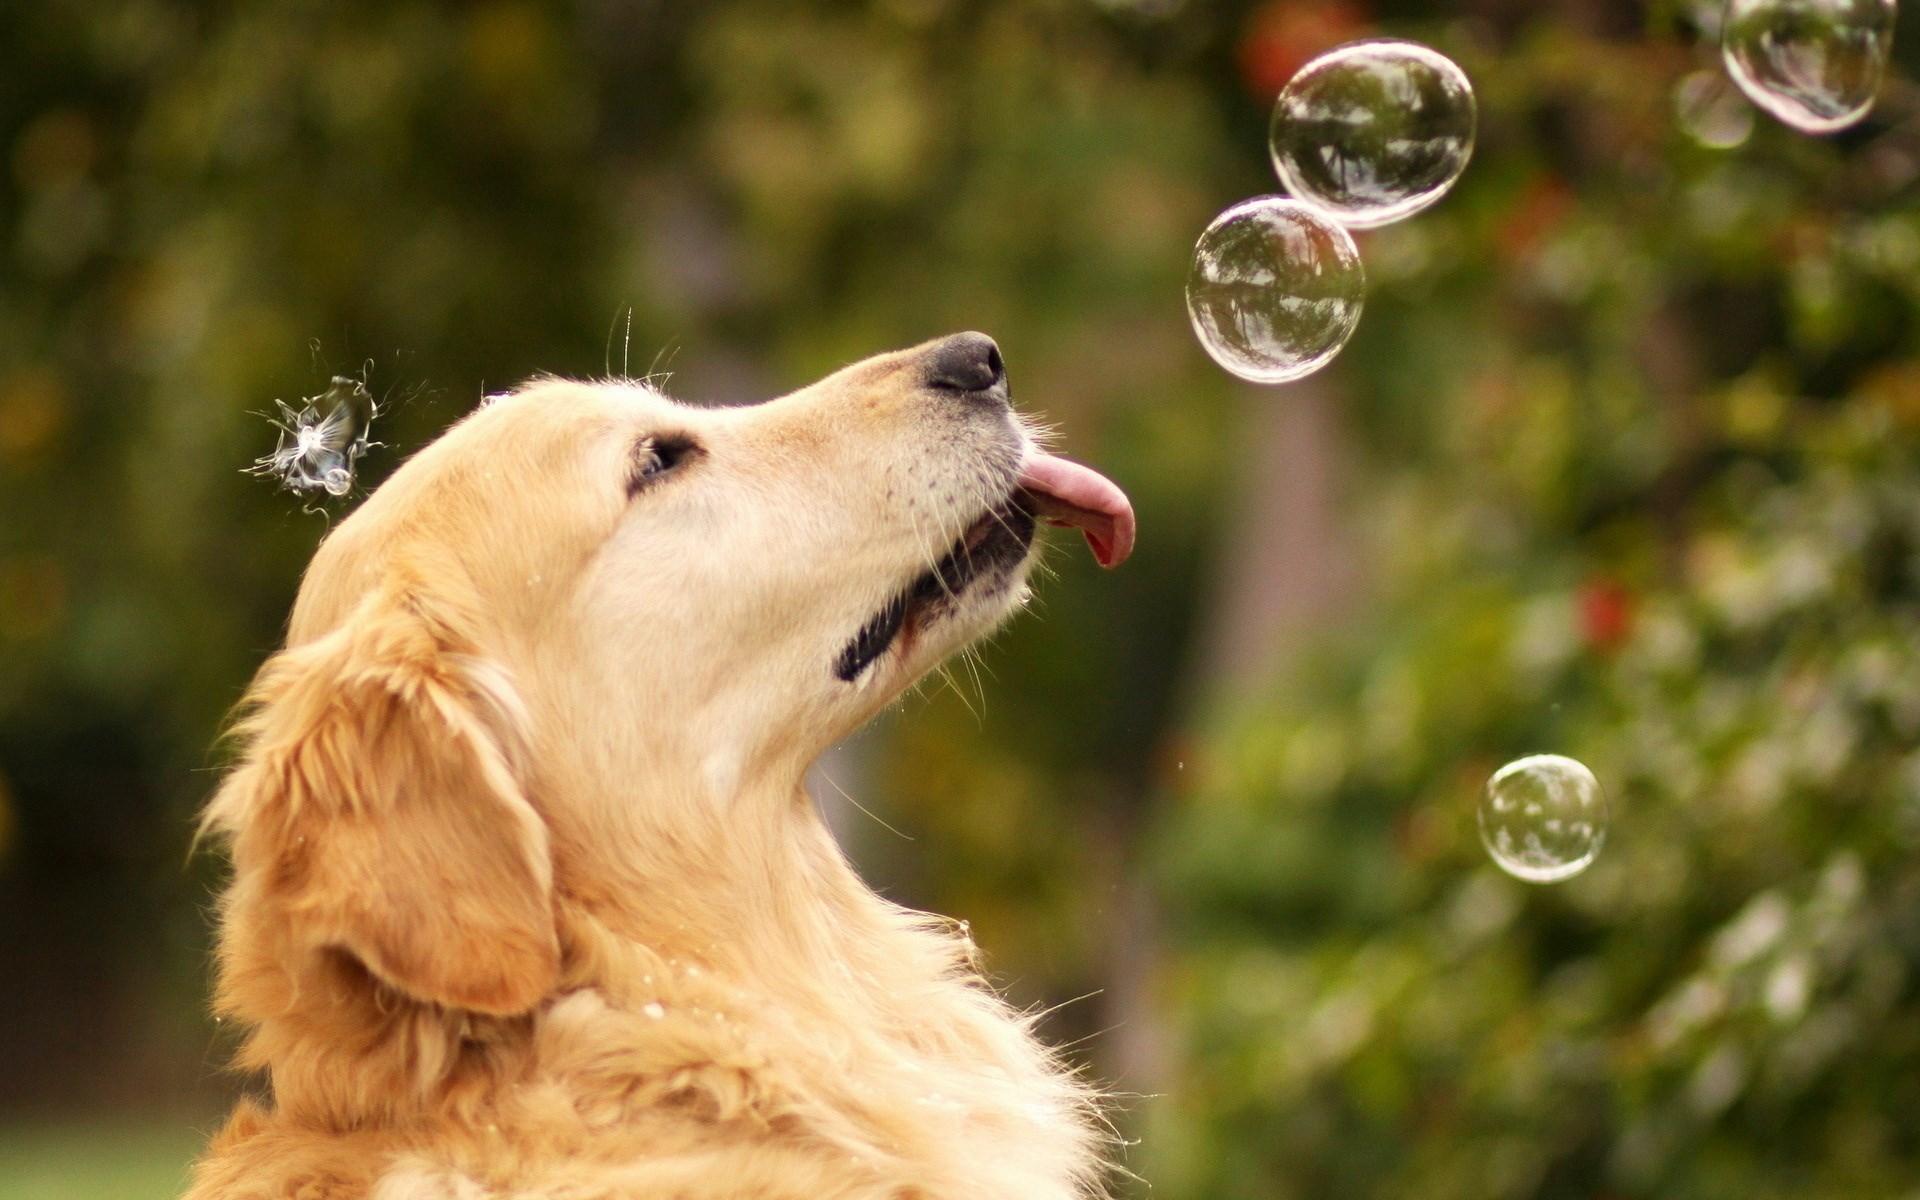 Dog Soap Bubbles Mood HD Wallpaper